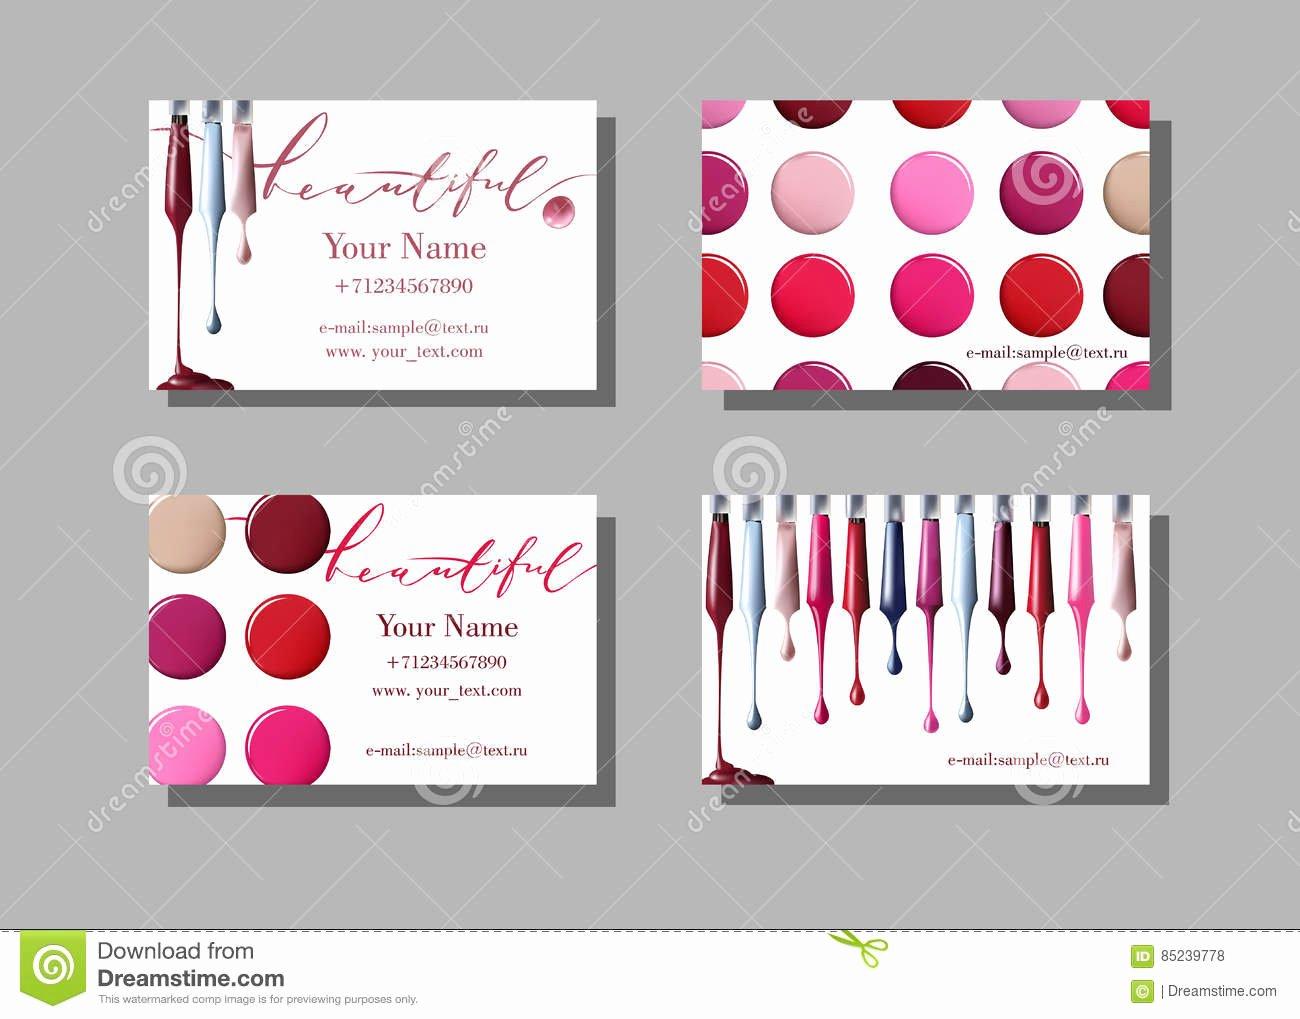 Makeup Artist Business Card Vector Template with Makeup